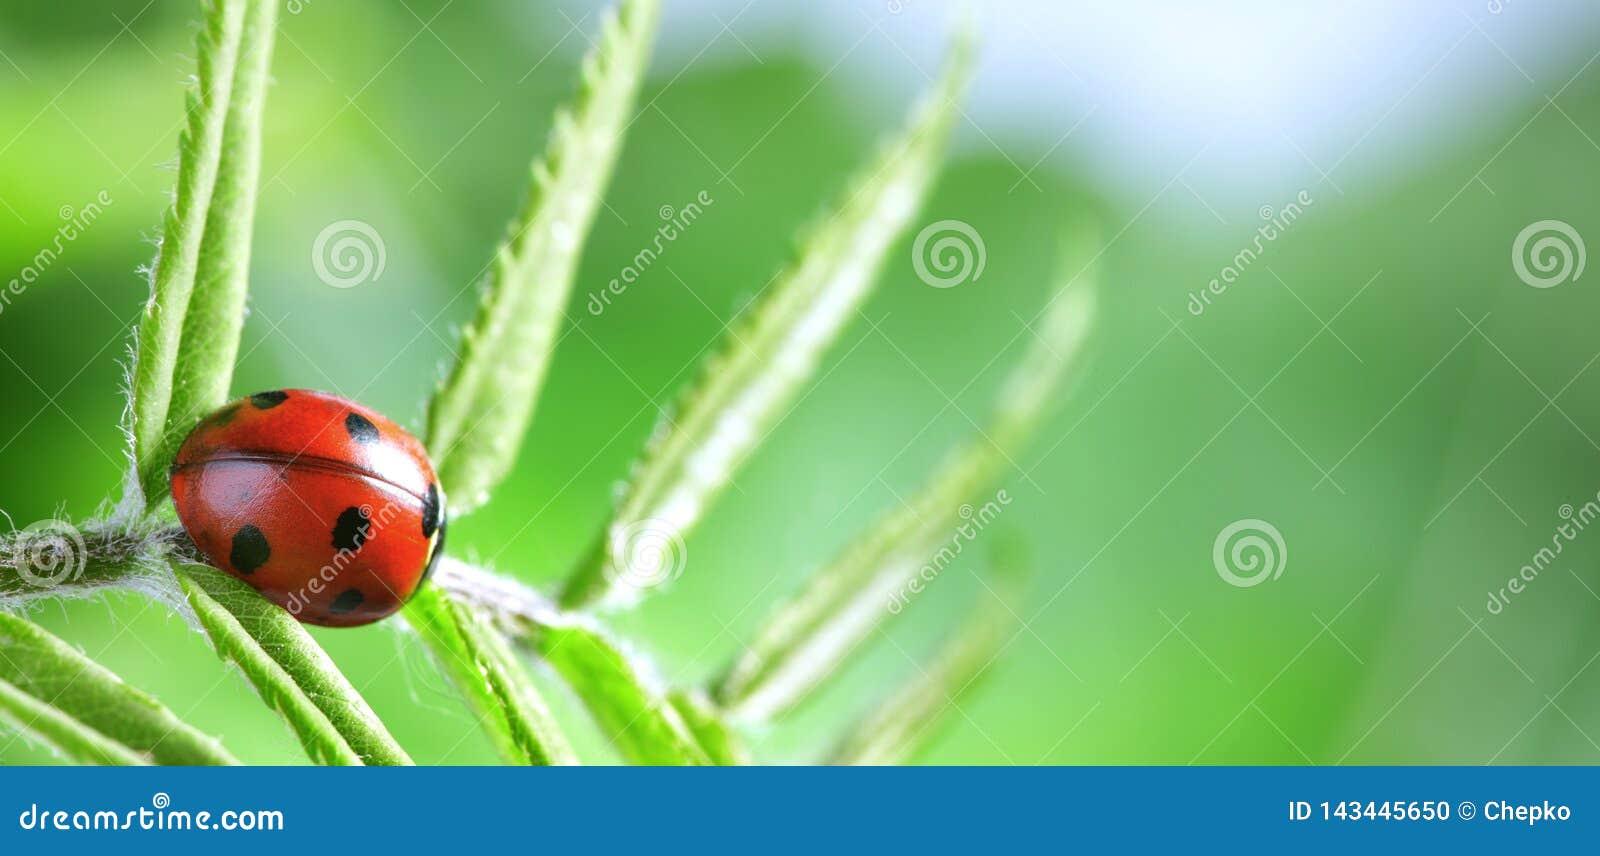 Красный ladybug на зеленых лист, ladybird проползает на стержне завода весной летом сада